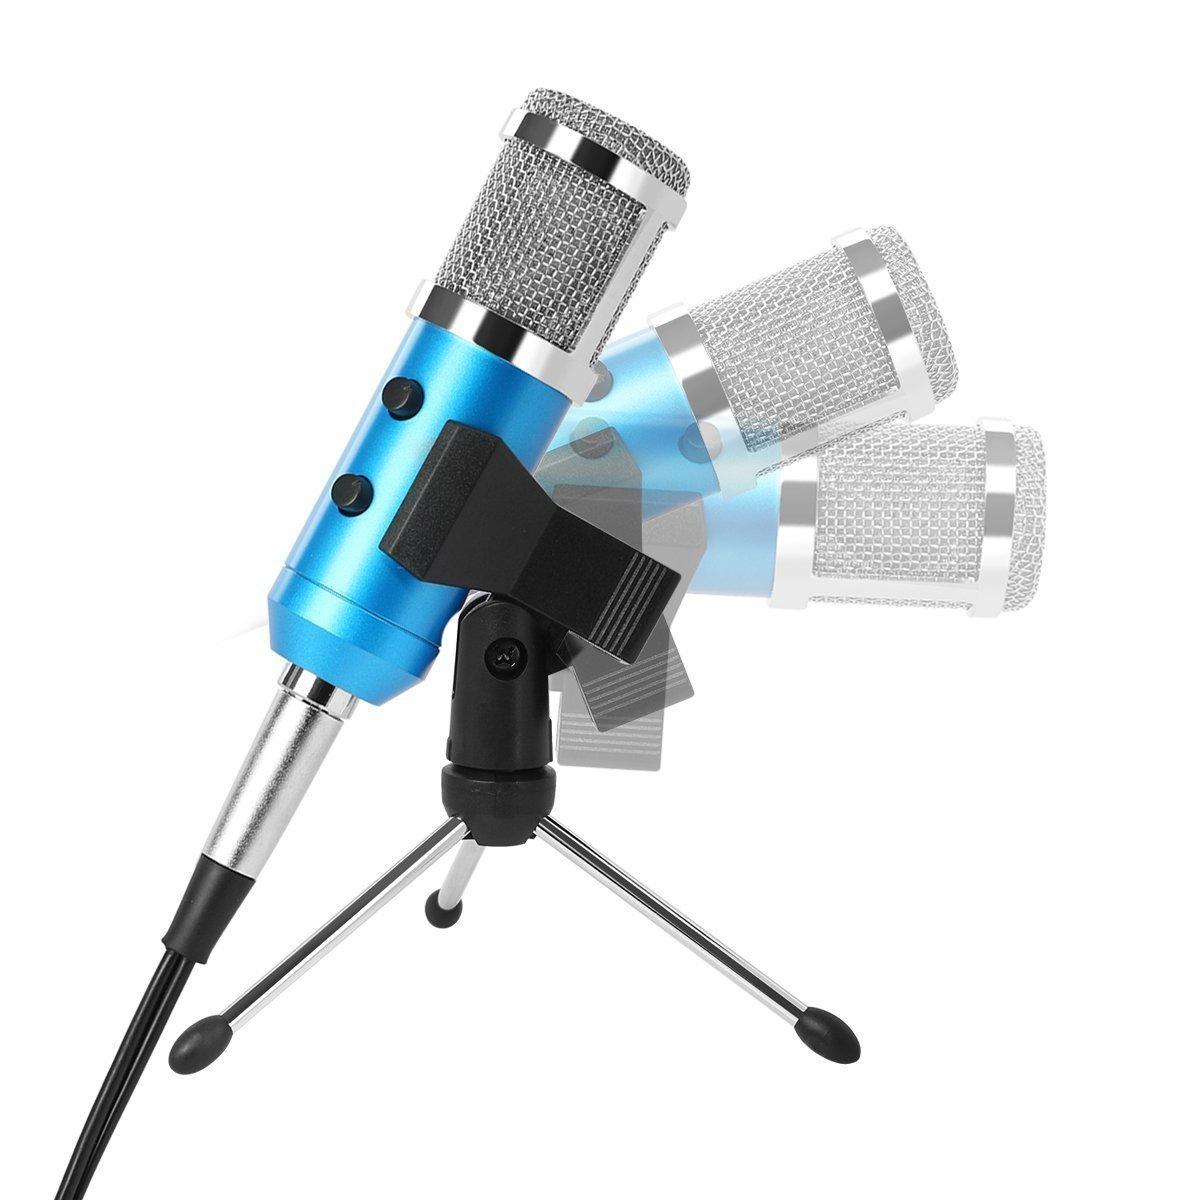 Tonor 3, 5 mm Studio enregistrement Microphone à Condensateur avec Trépied Debout Chapeau de Mousse de Pare-Vent Adaptateur Audio TN120439BU